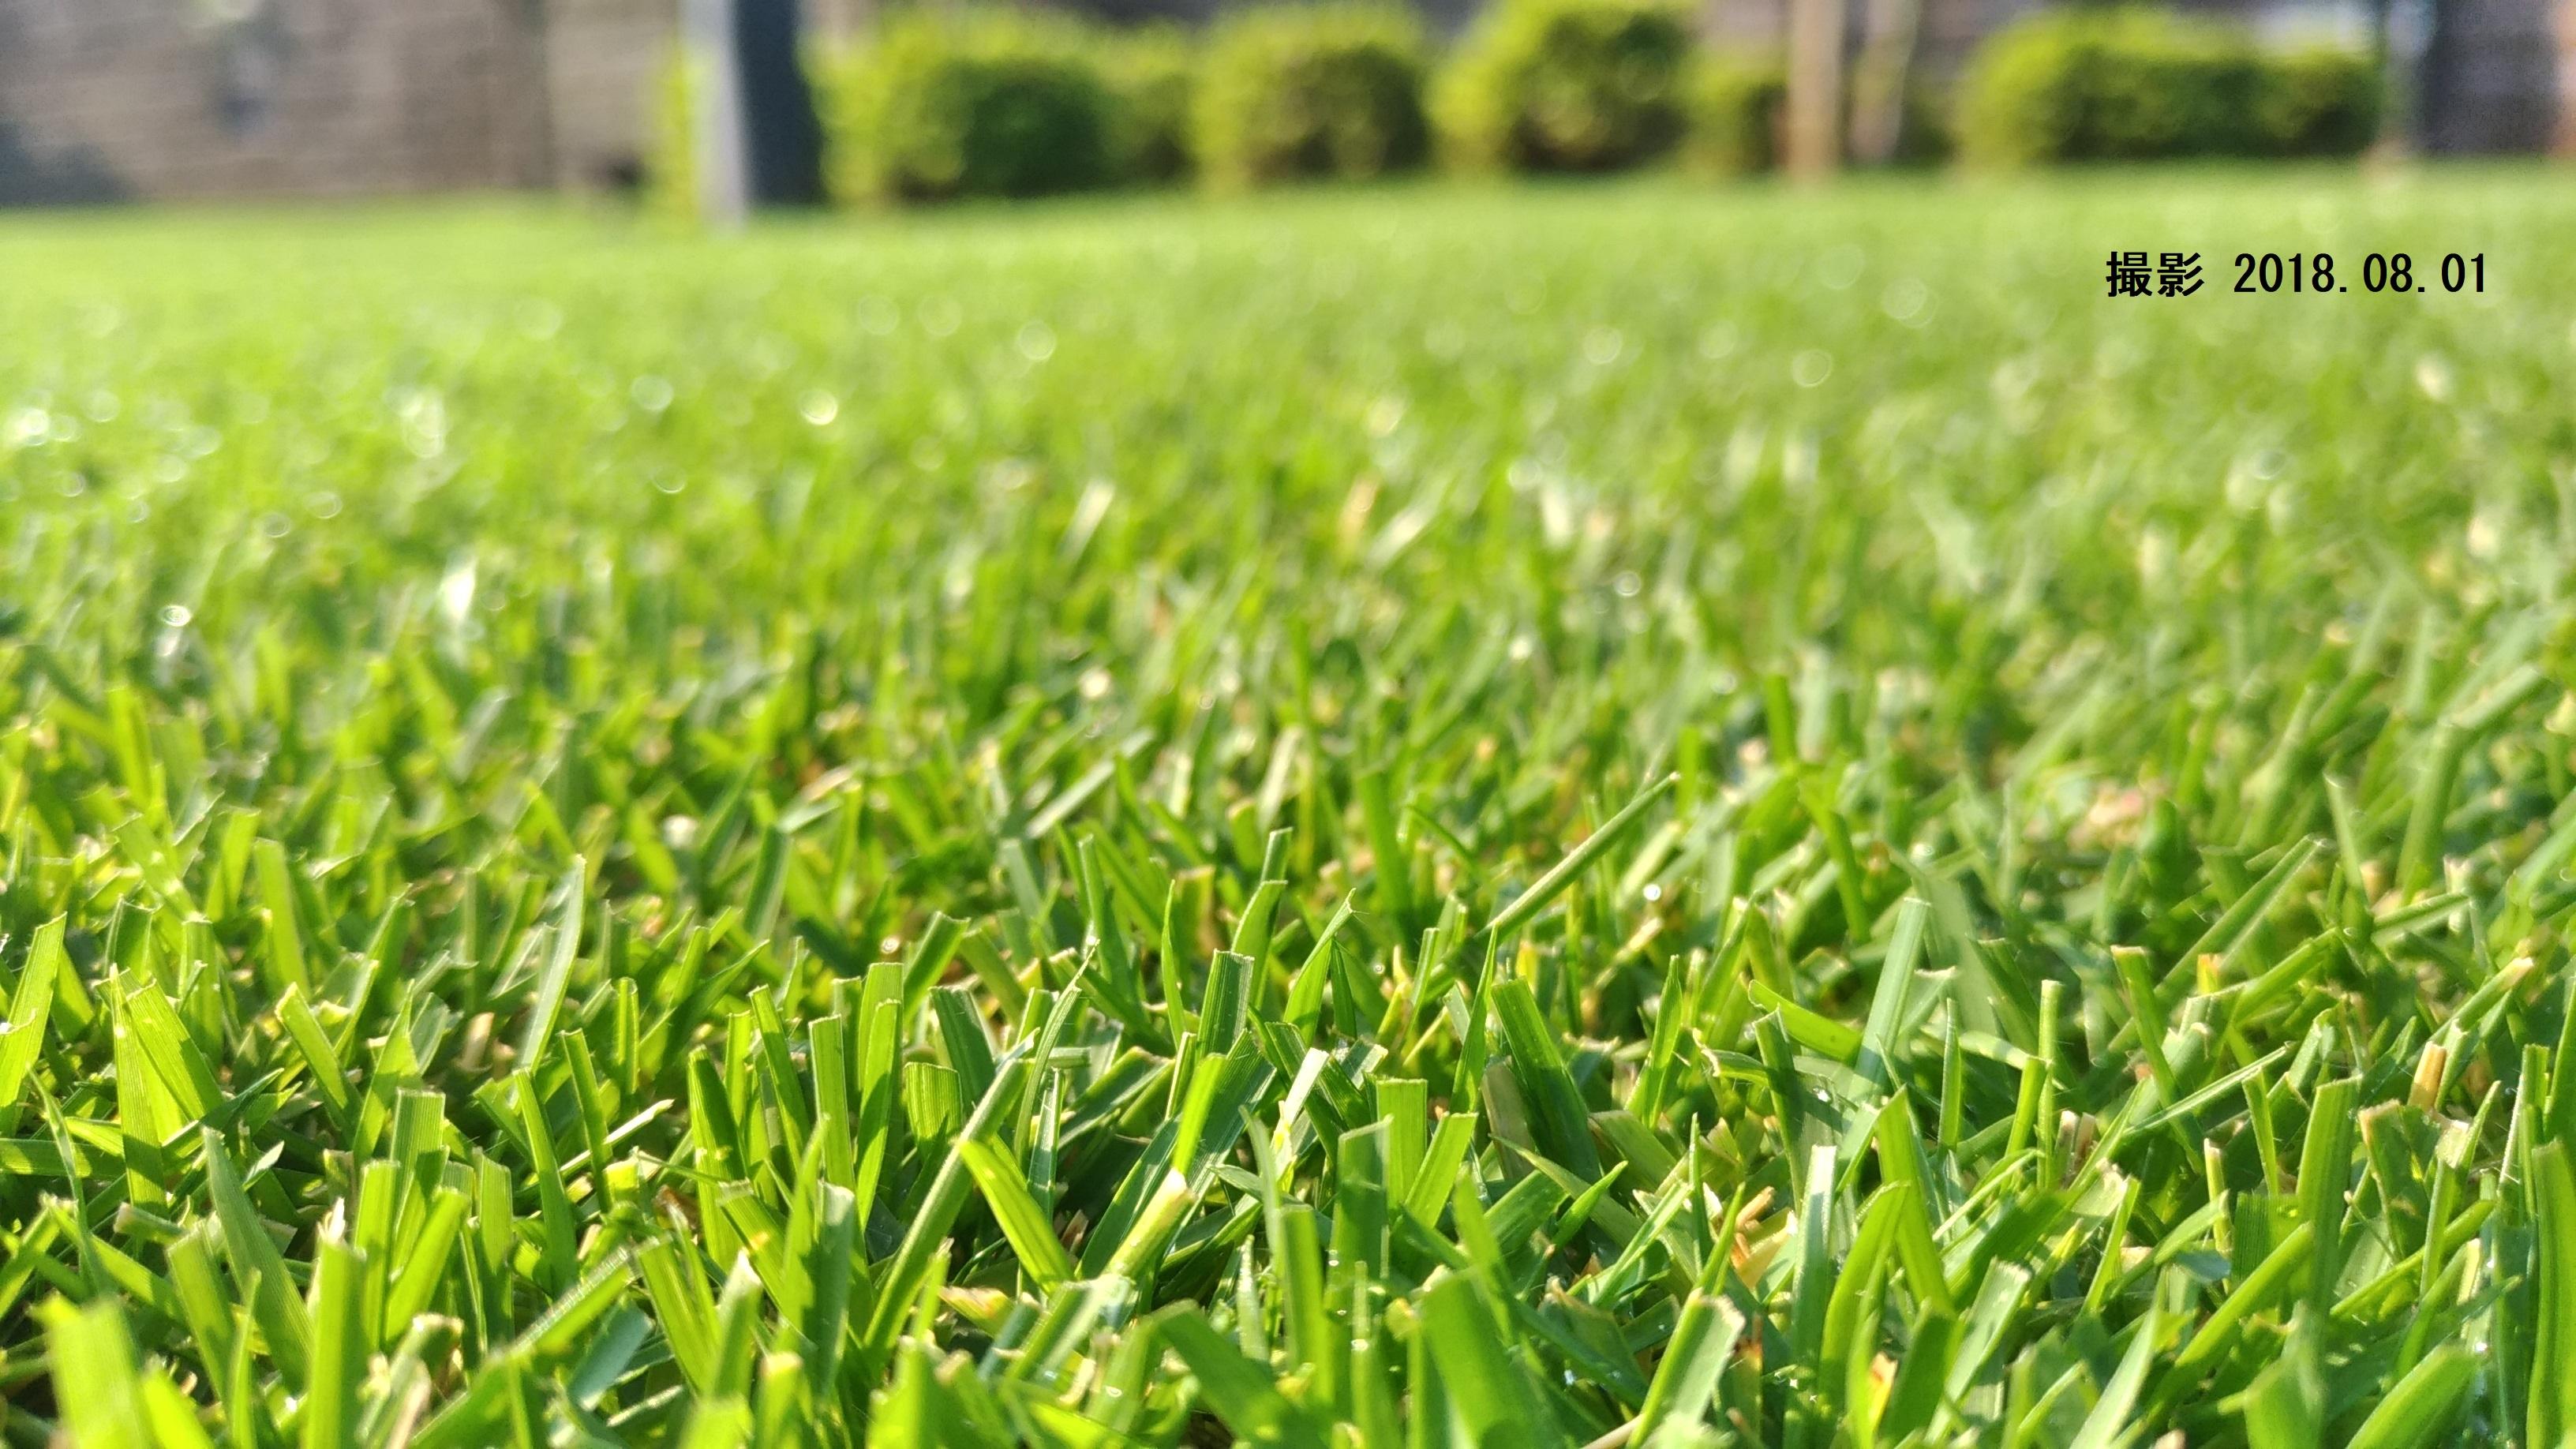 芝生(8~9月)の成長ぶりを写真で振り返ろう😃✨